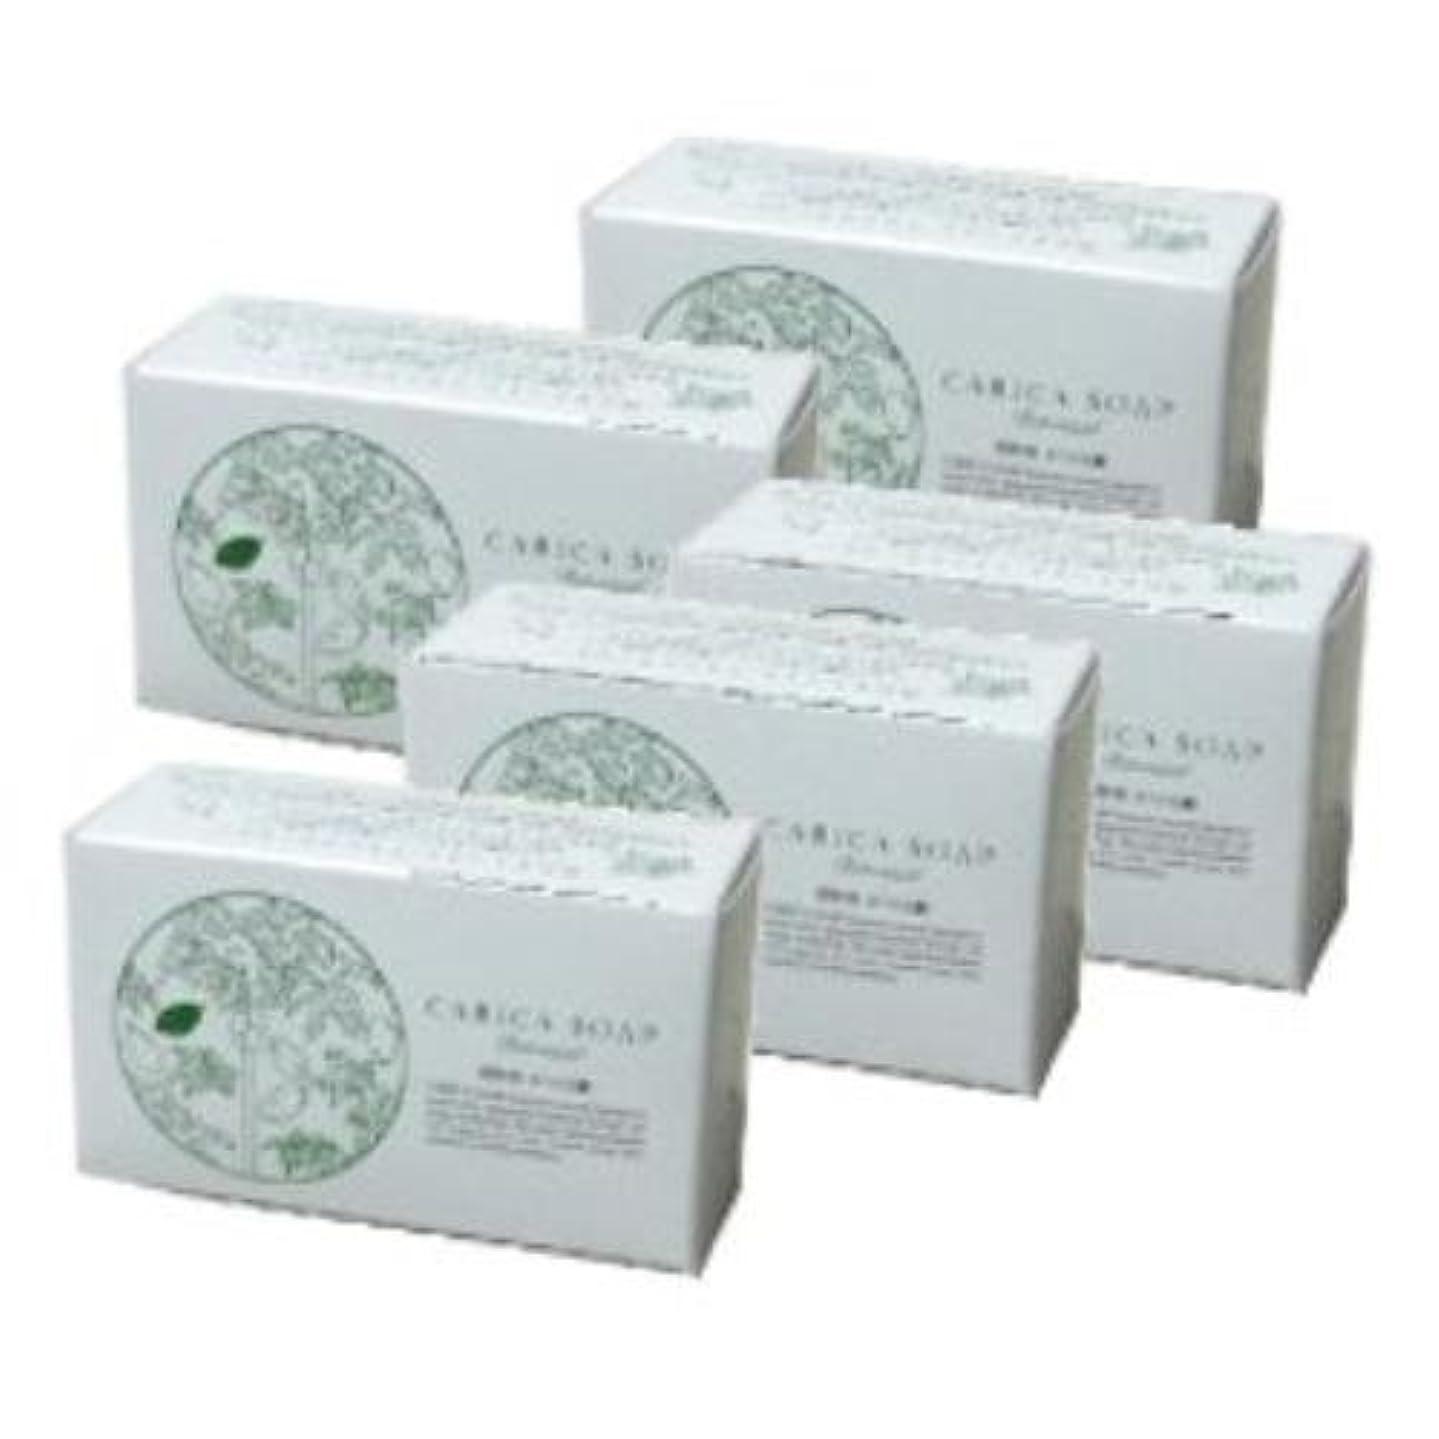 ロードされた便利シェルター植物性カリカ石鹸 100g 5個セット